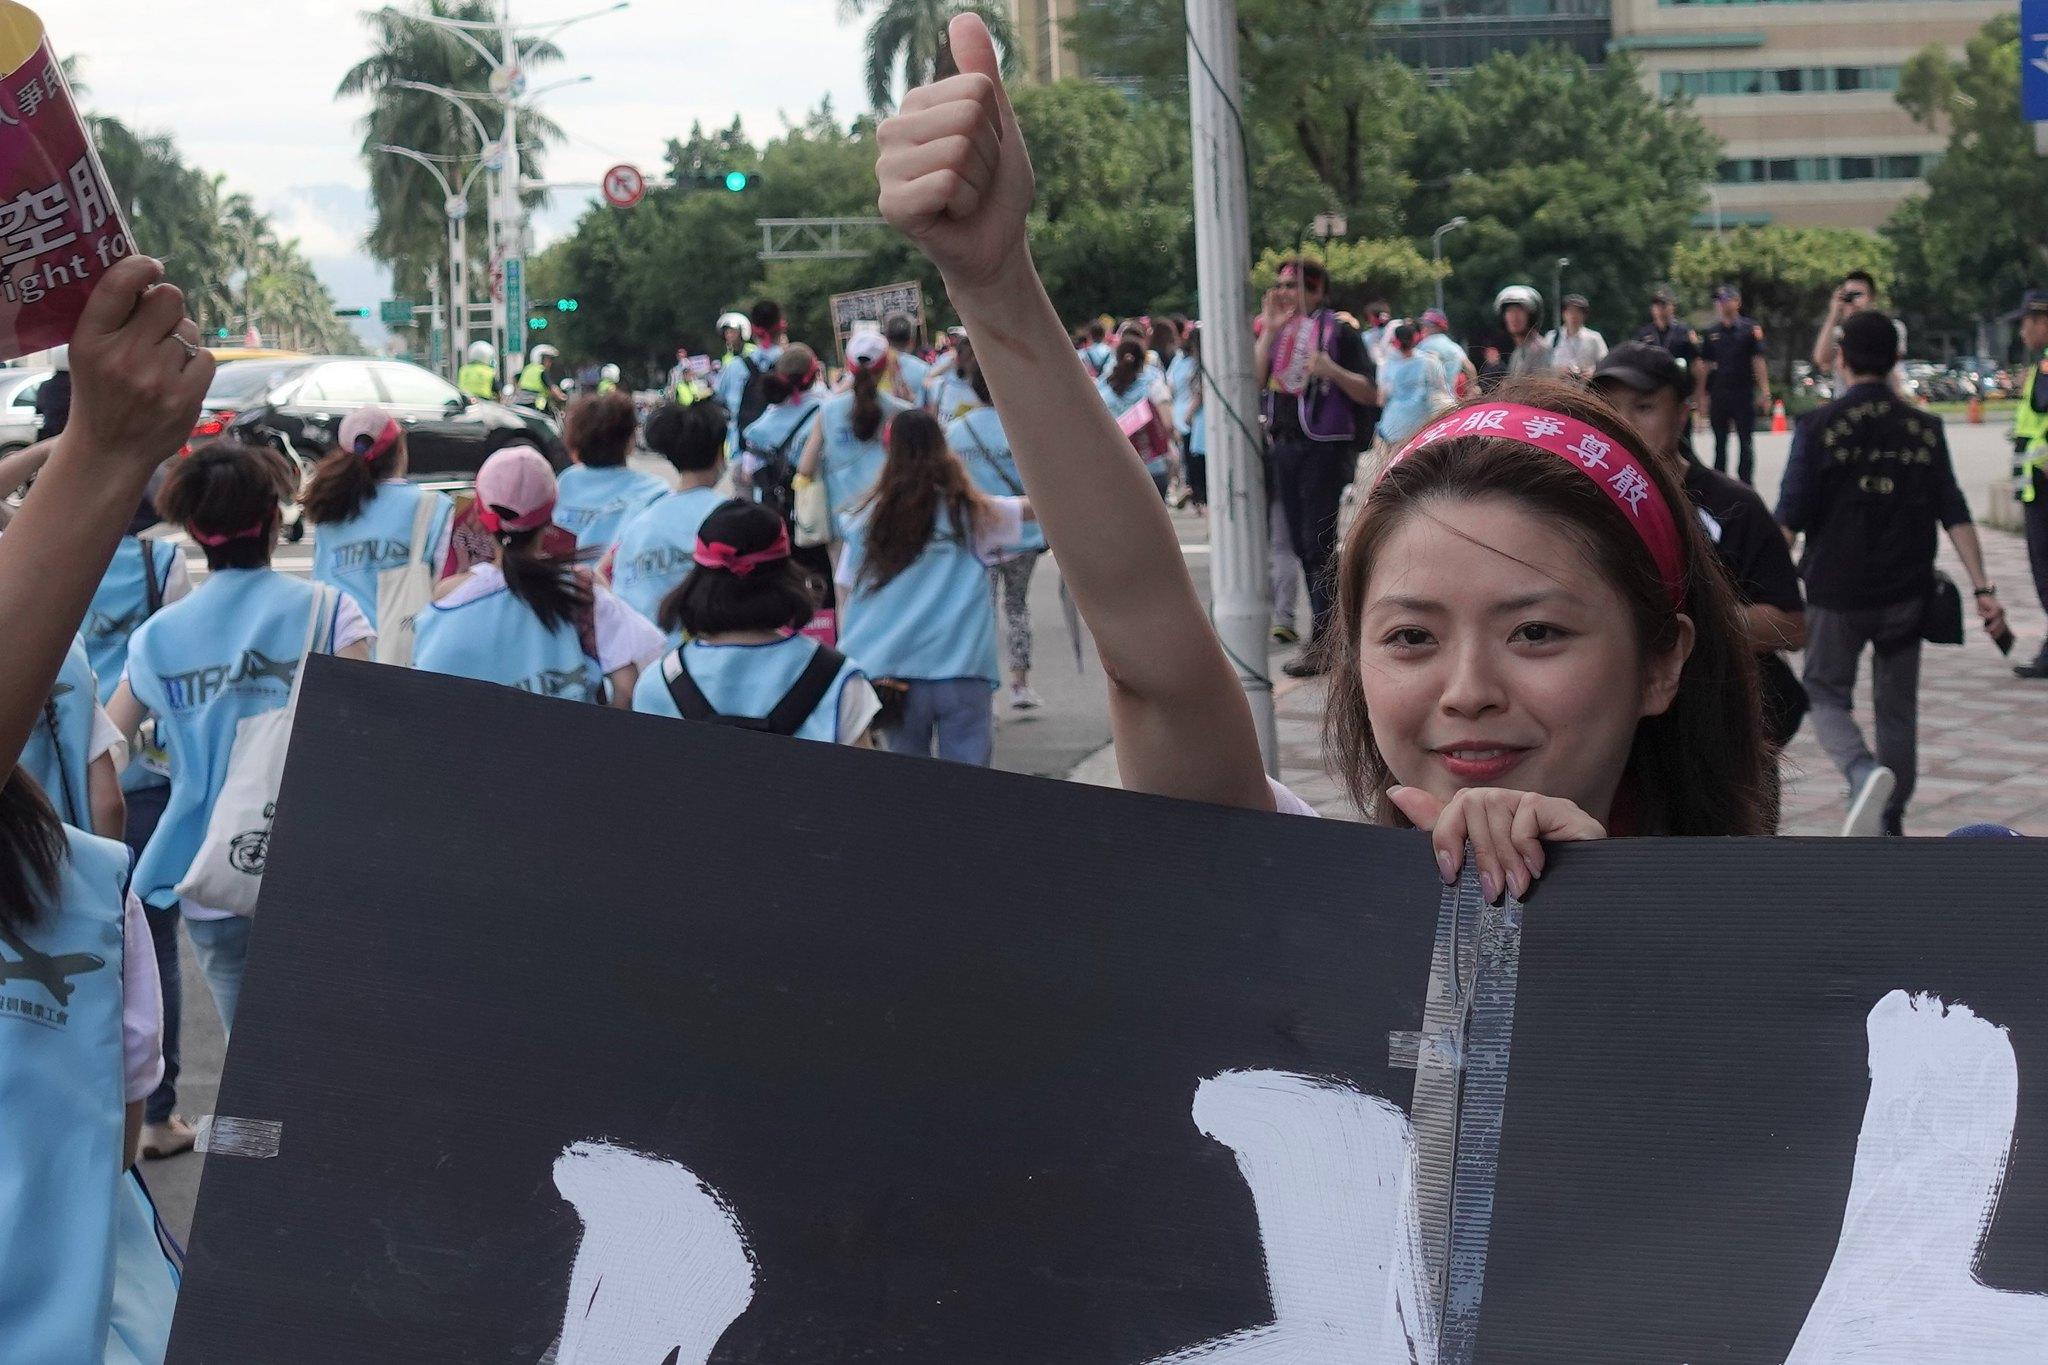 長榮空服員郭芷嫣今日遭長榮開除,圖為今年六月她參加長榮空服員大遊行。(攝影:張智琦)